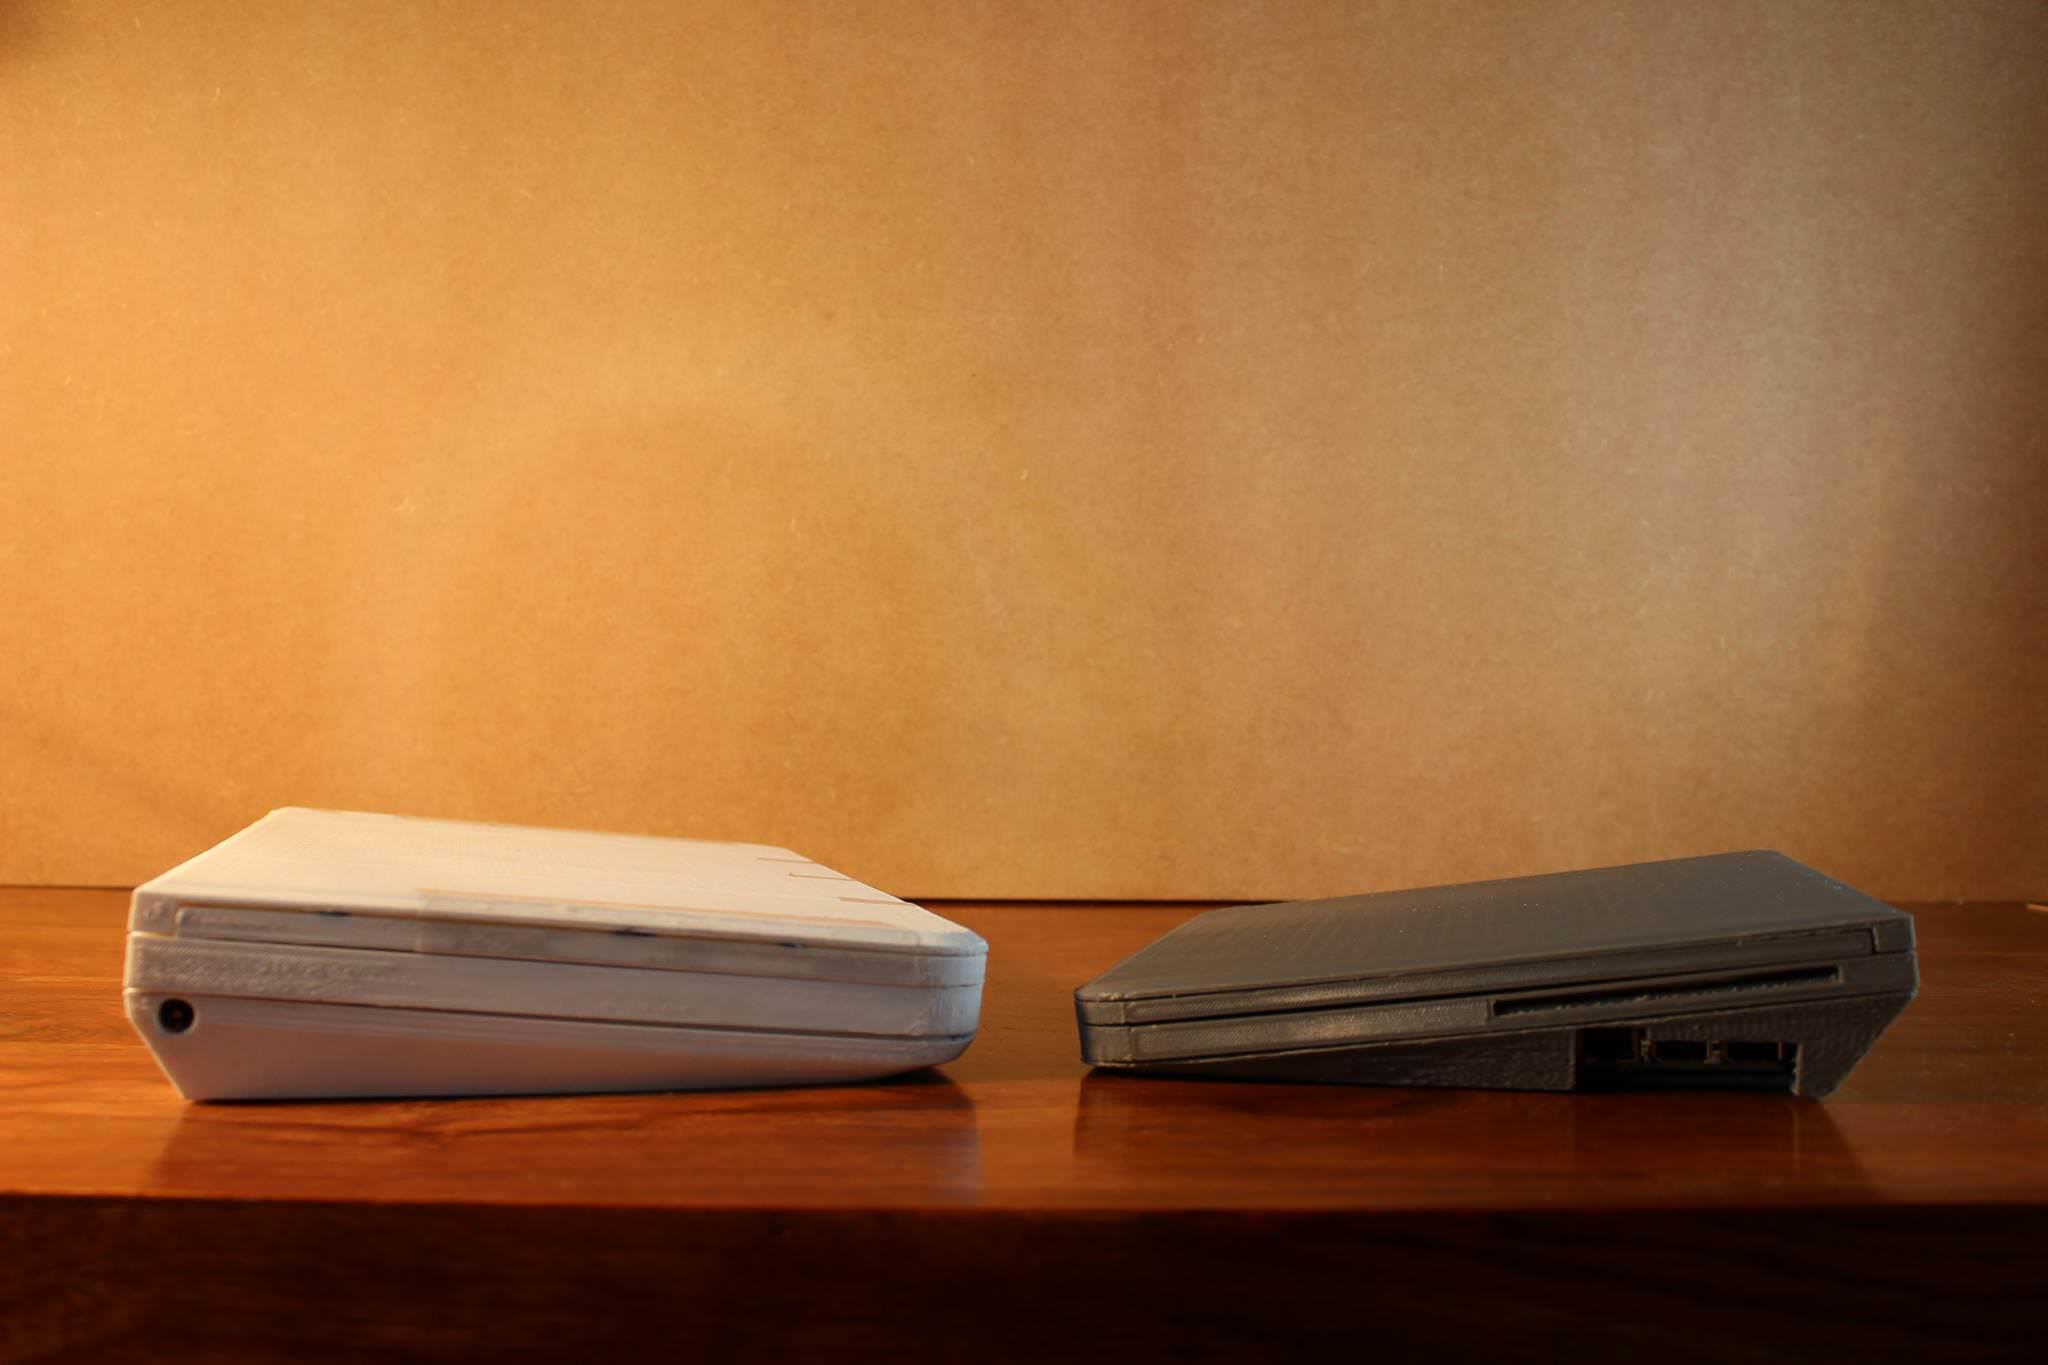 Laptop für unter 200 Euro im Eigenbau? Gar nicht so kompliziert!